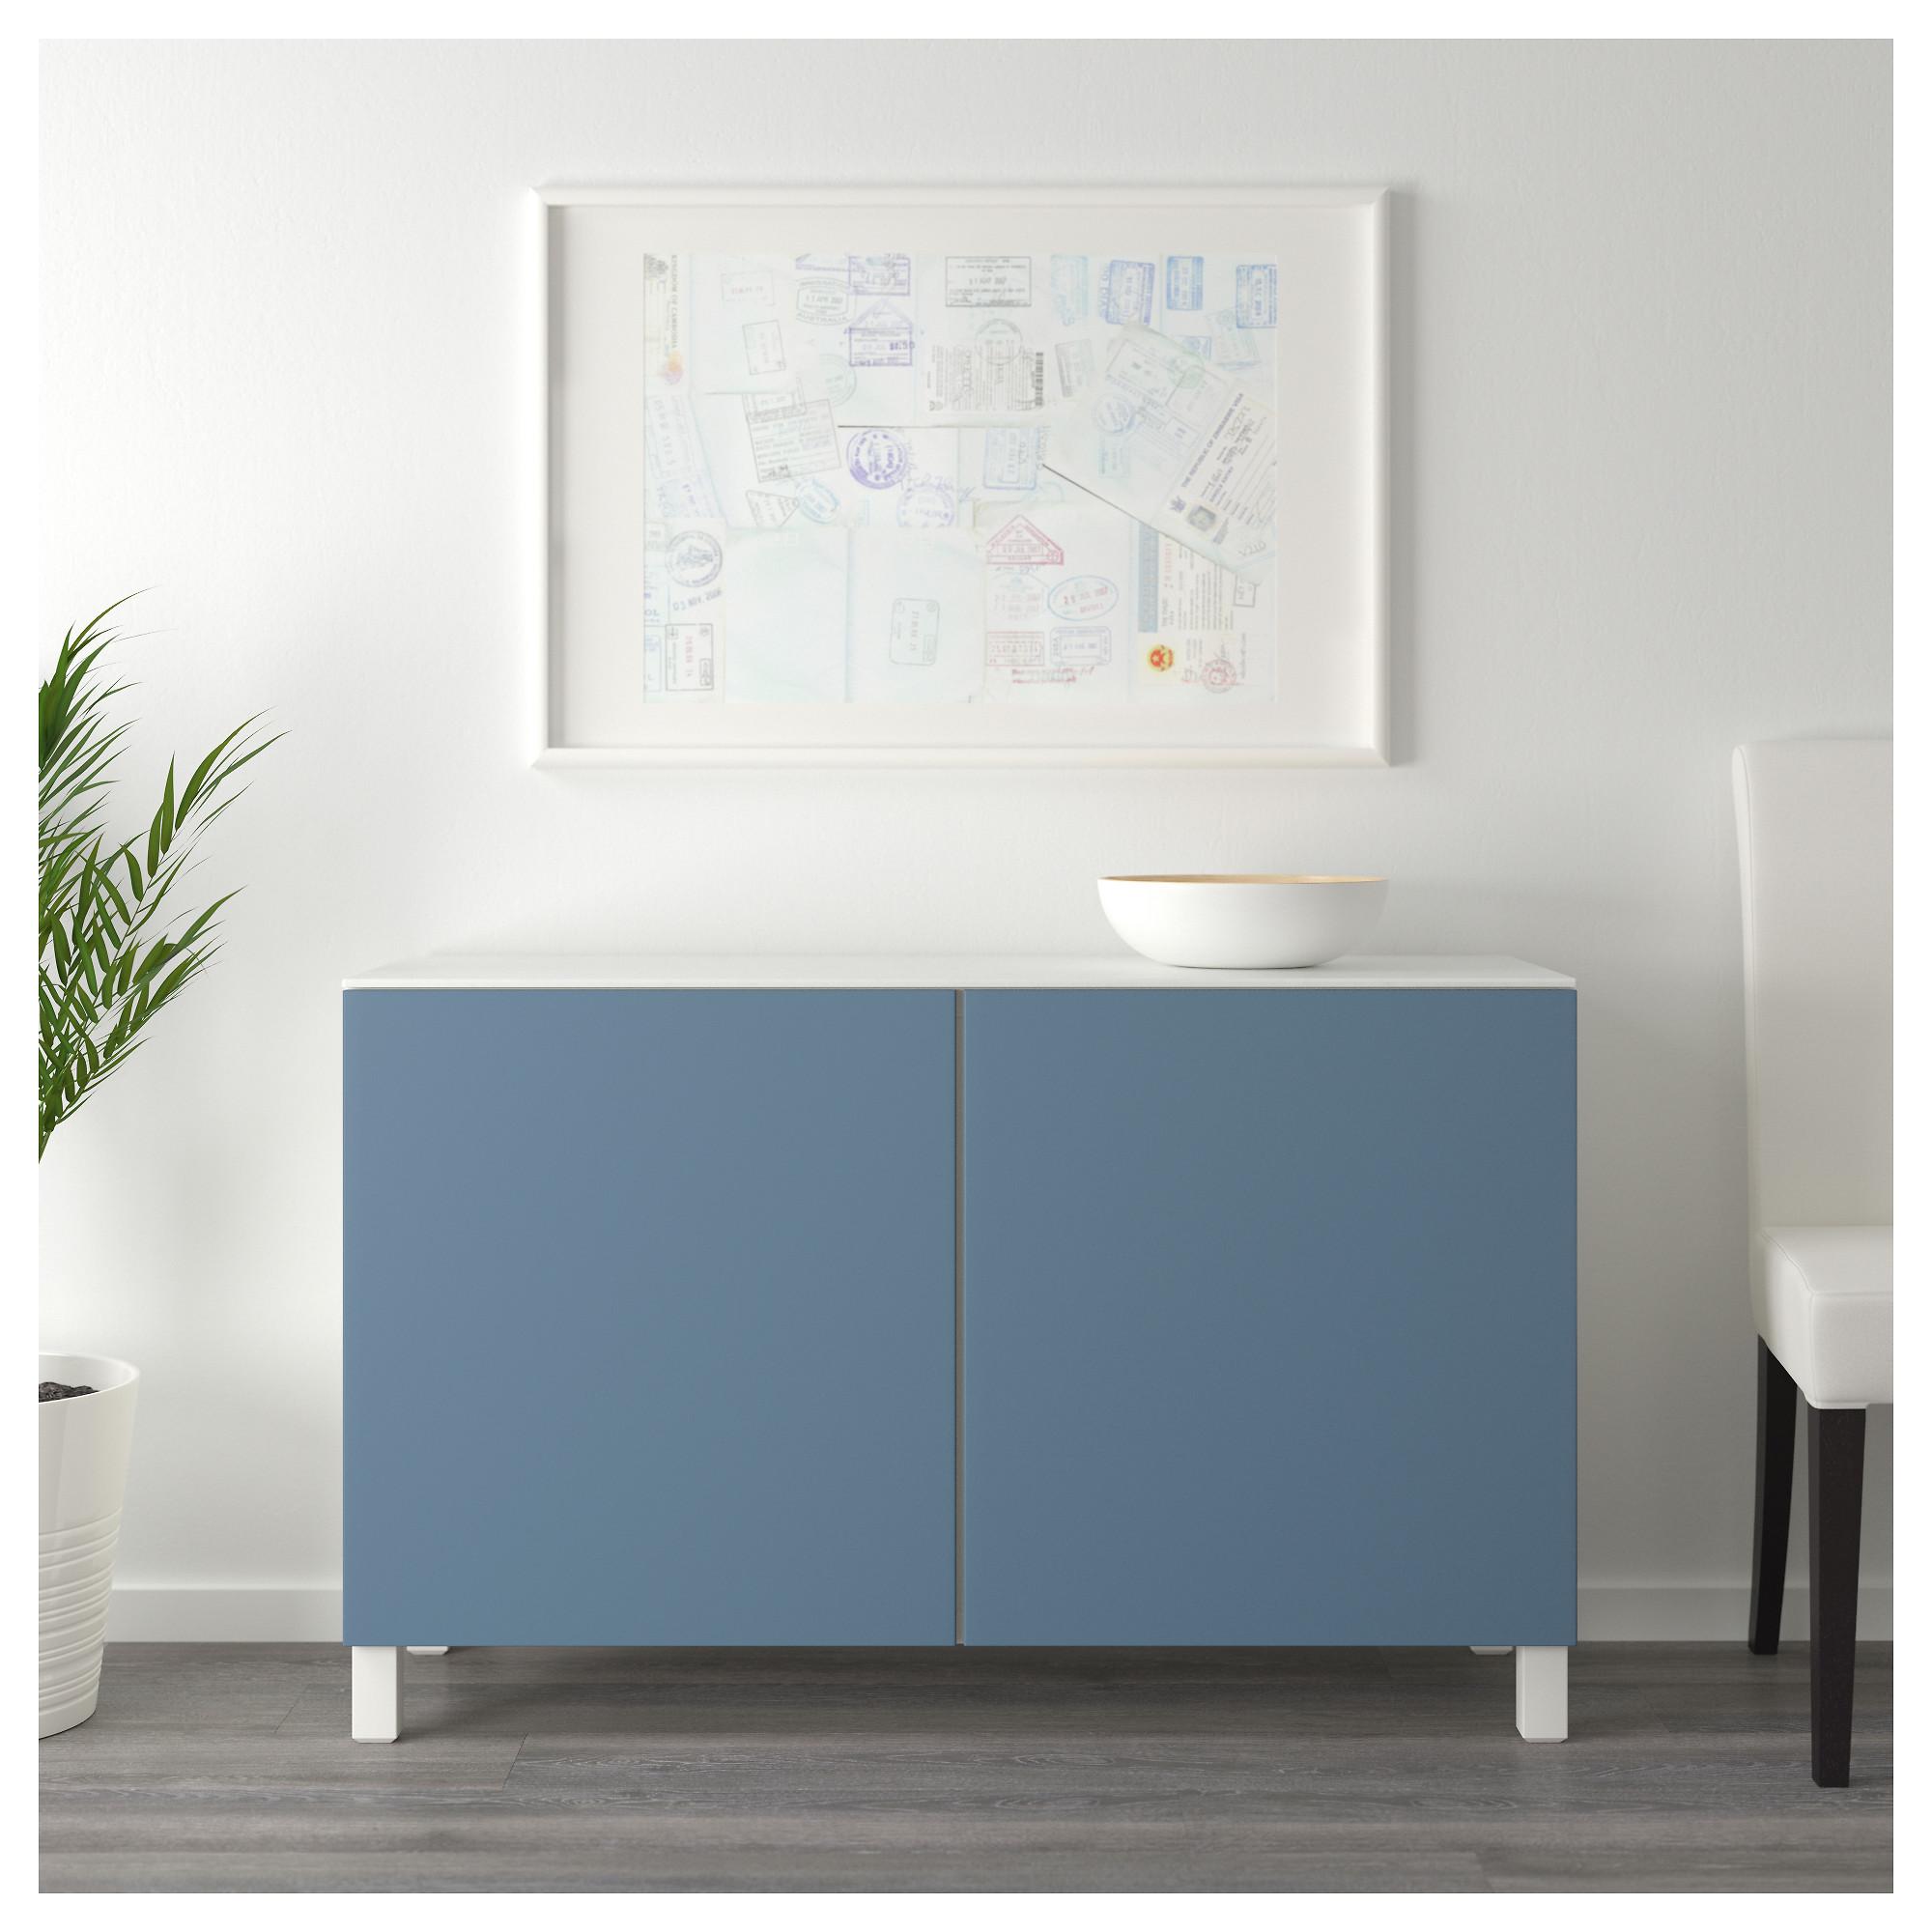 Комбинация для хранения с дверцами БЕСТО темно-синий артикуль № 392.448.70 в наличии. Интернет каталог IKEA РБ. Быстрая доставка и соборка.